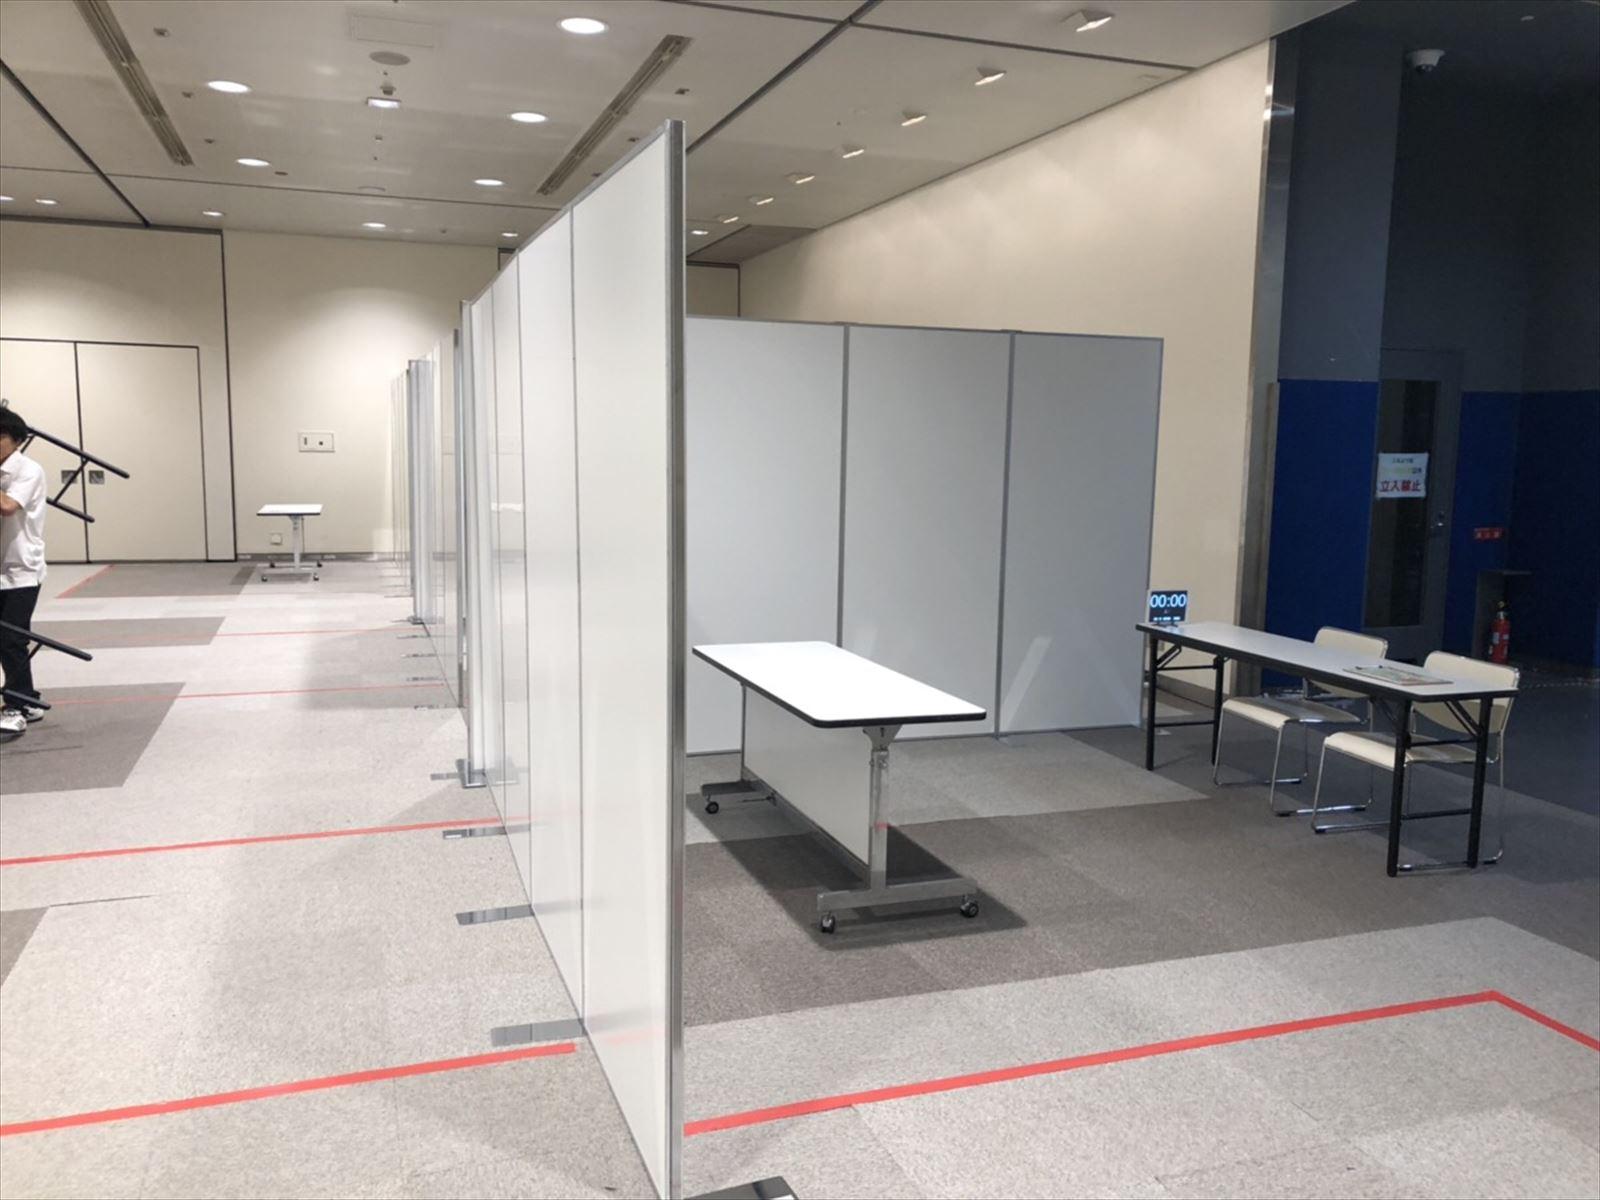 展示会等で大活躍!システムパネル大量レンタルなら神奈川イベント会社へ!